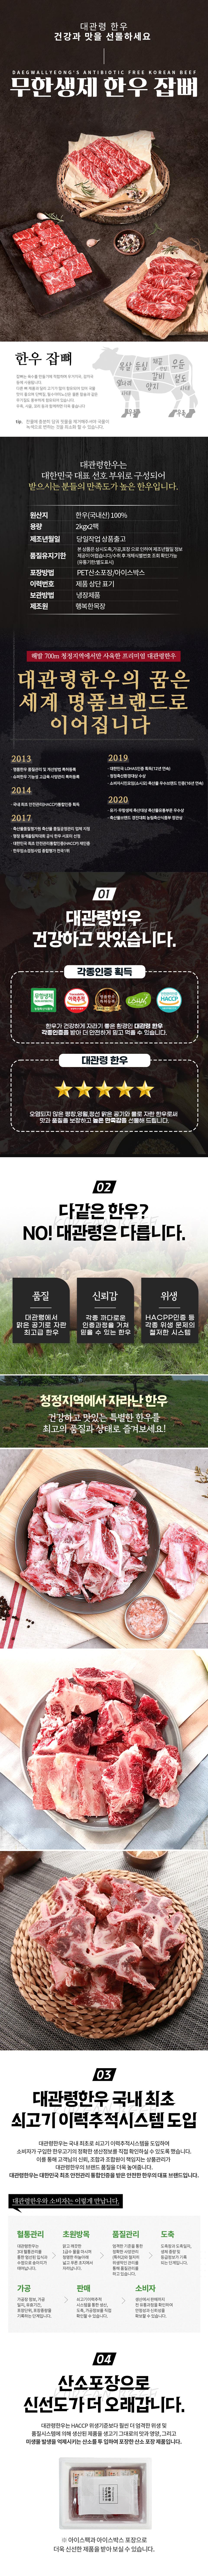 daekwoanlyenghanwoo_sang_jabbbye2kgx2.jpg